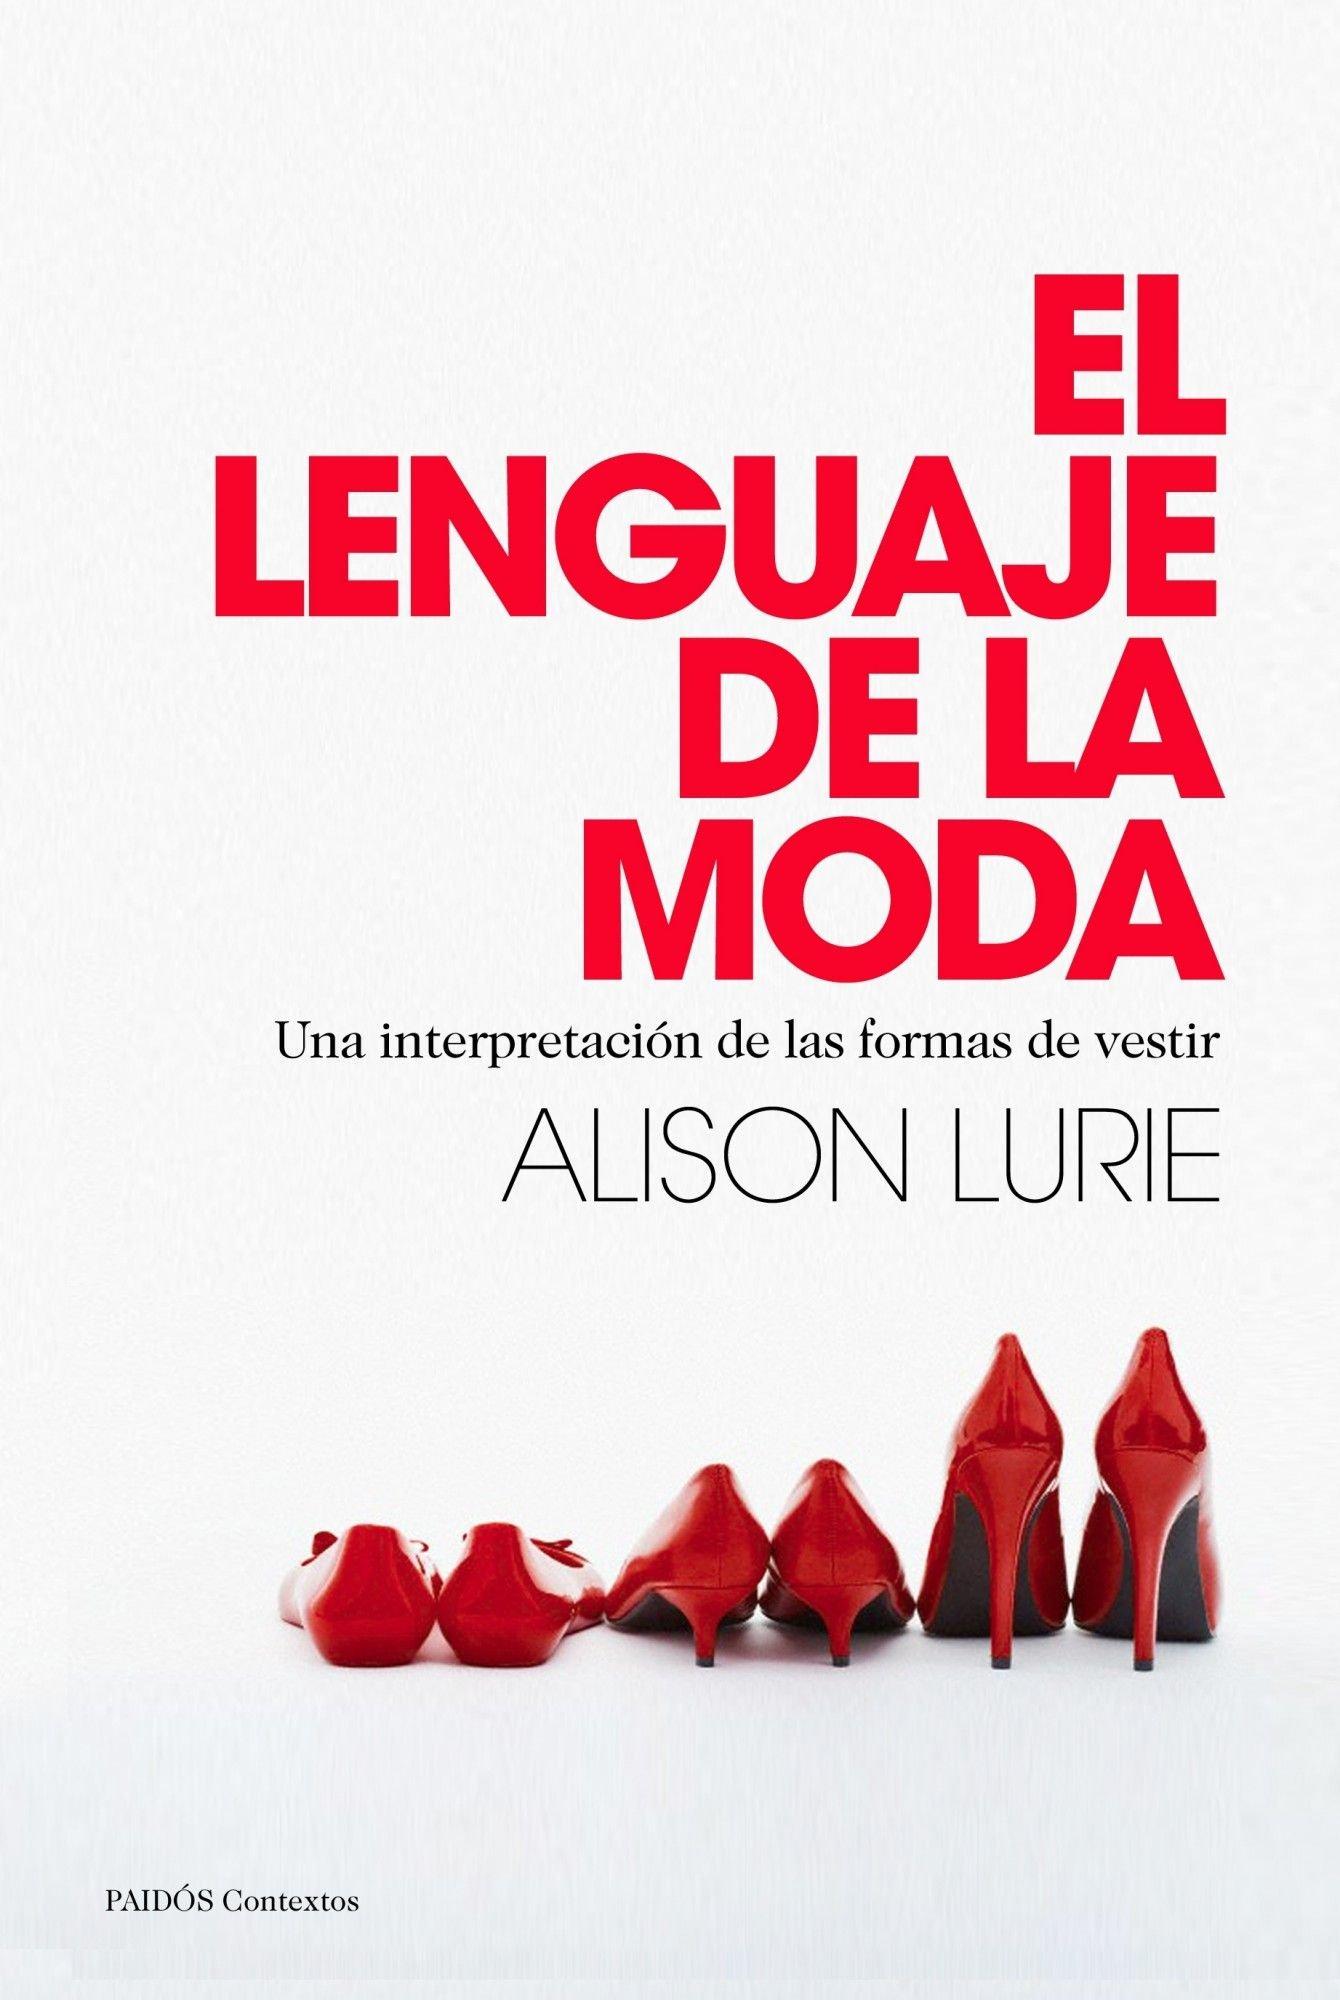 El lenguaje de la moda: Una interpretación de las formas de vestir (Contextos)